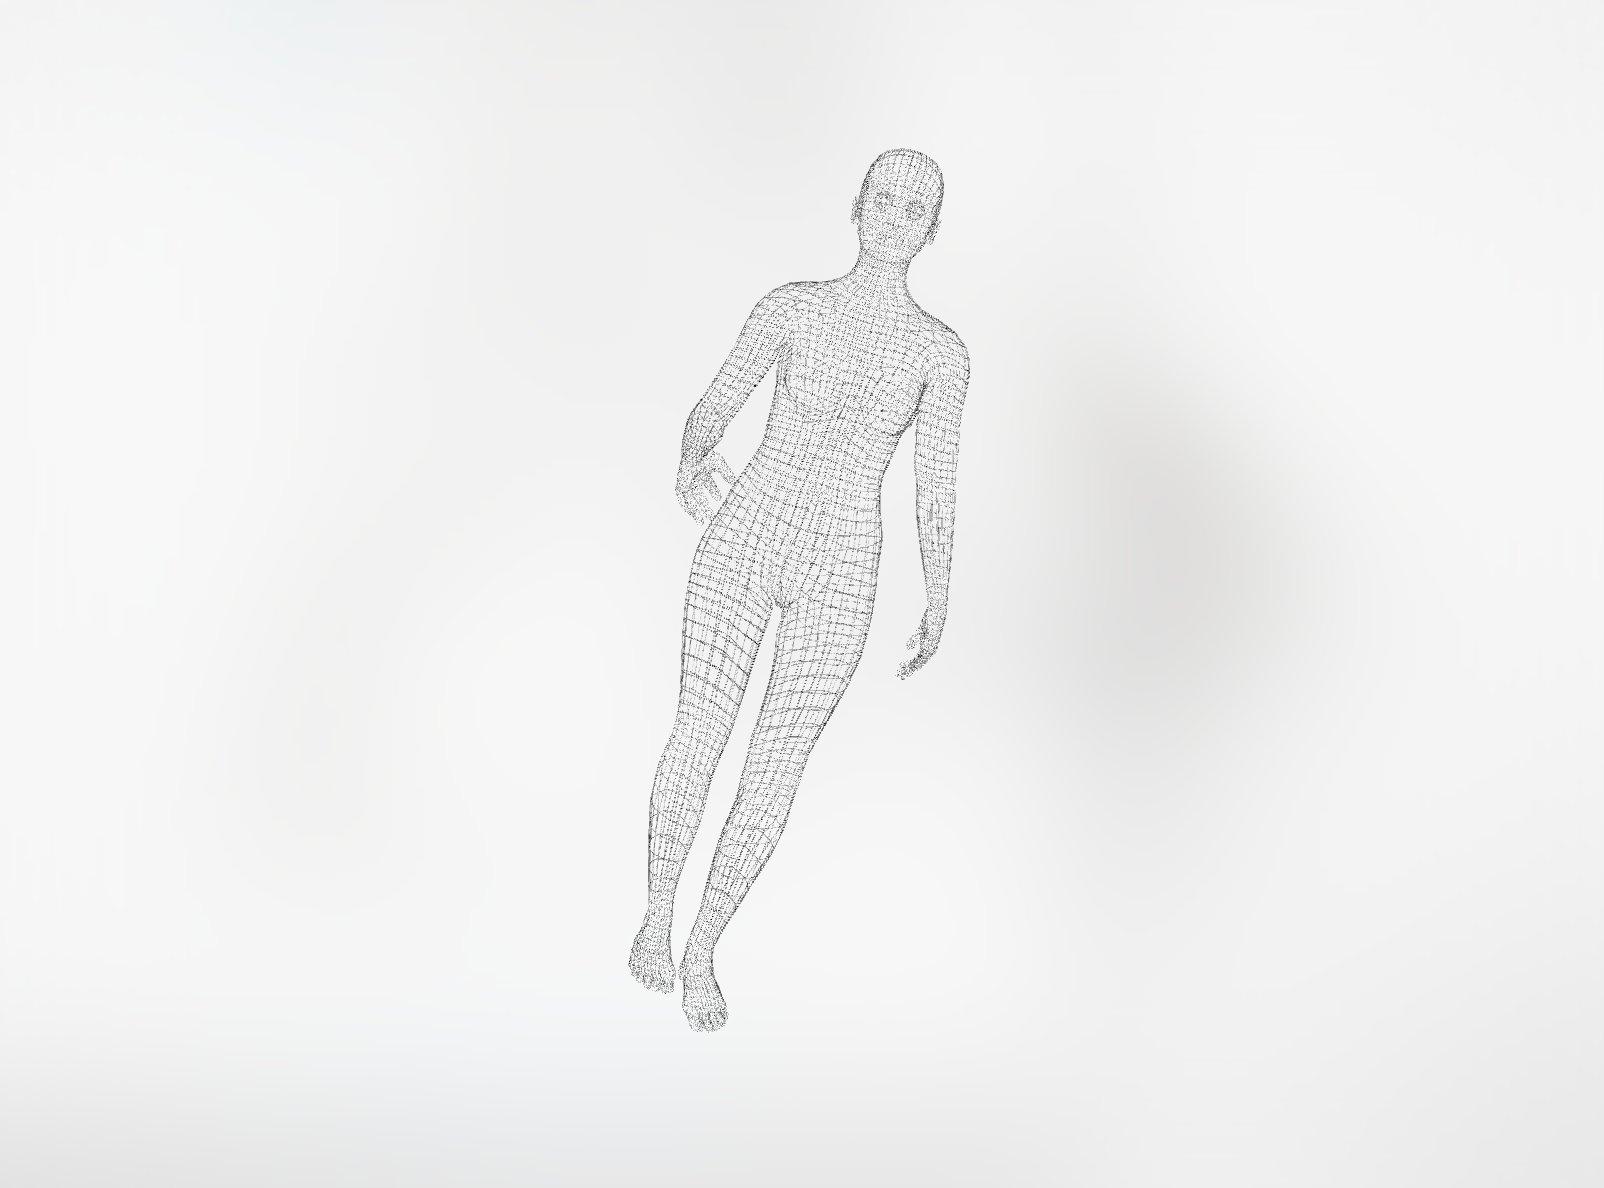 [淘宝购买] 90年代复古派对海报传单人体3D欧普艺术图形设计素材 Old 90s Rave Flyers插图(5)